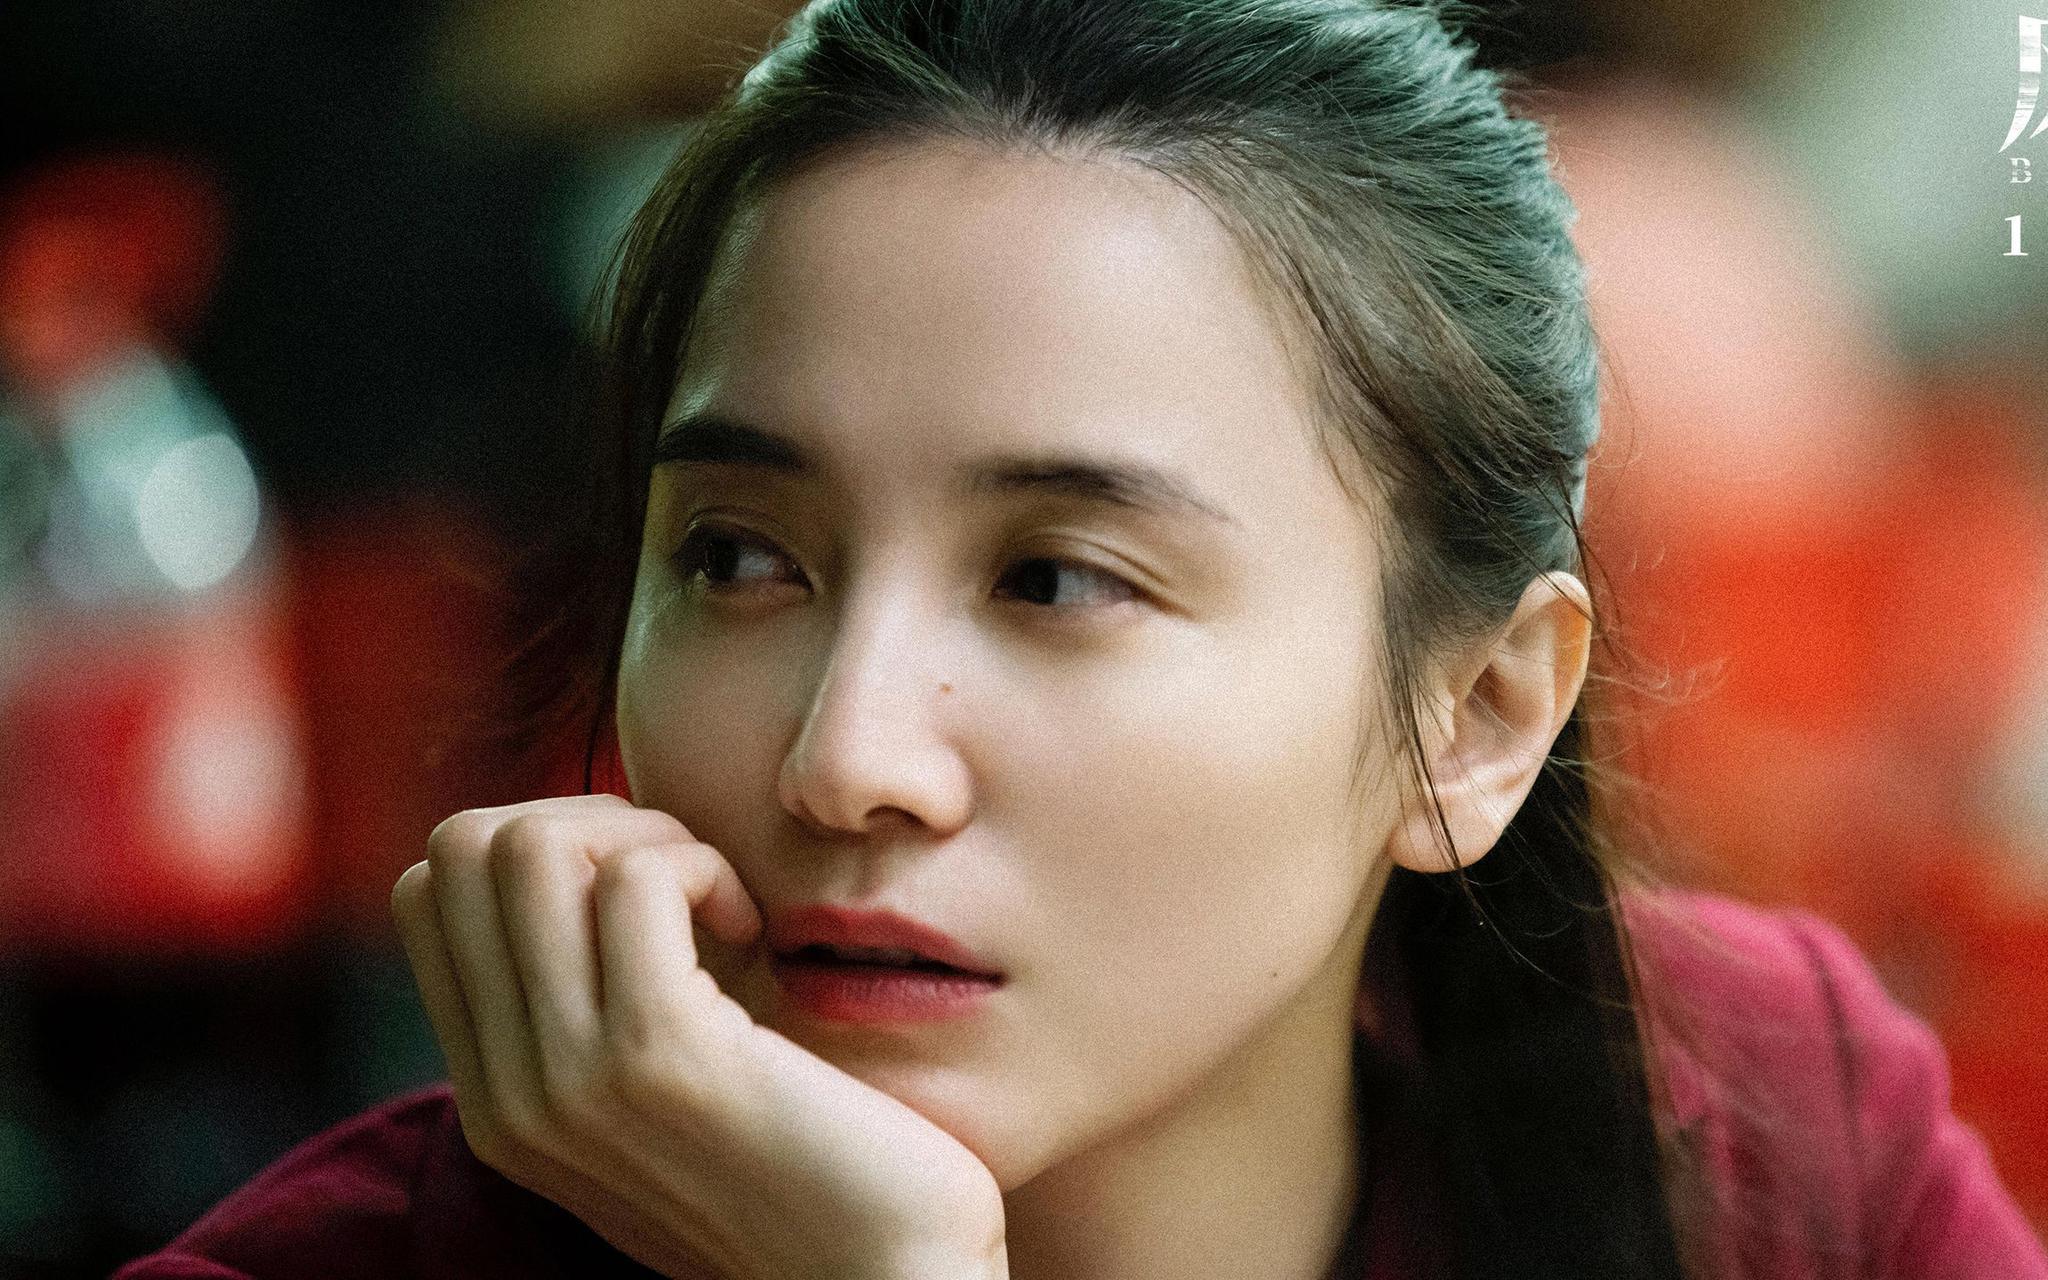 宋佳在《风平浪静》中饰演潘晓霜